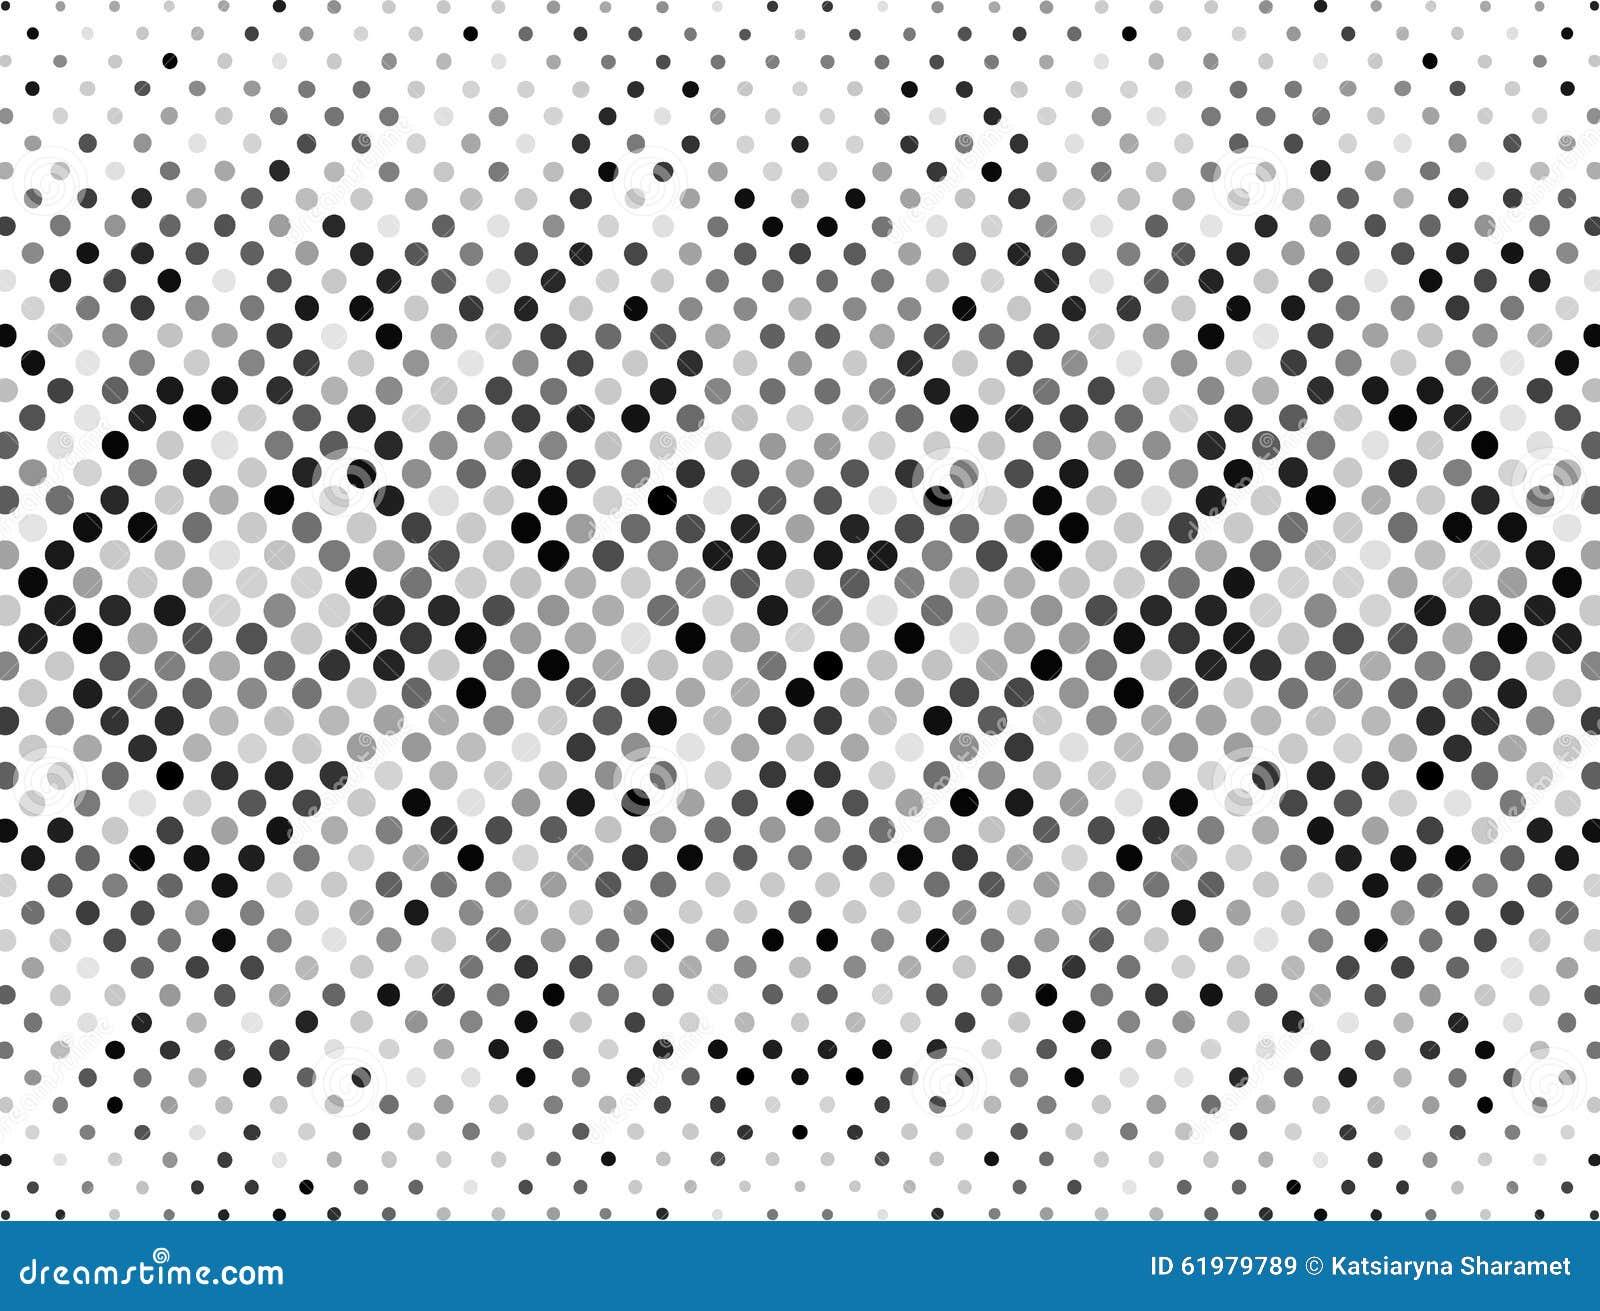 Puntos de semitono, negro y gris en un fondo blanco Fondo de semitono para su diseño